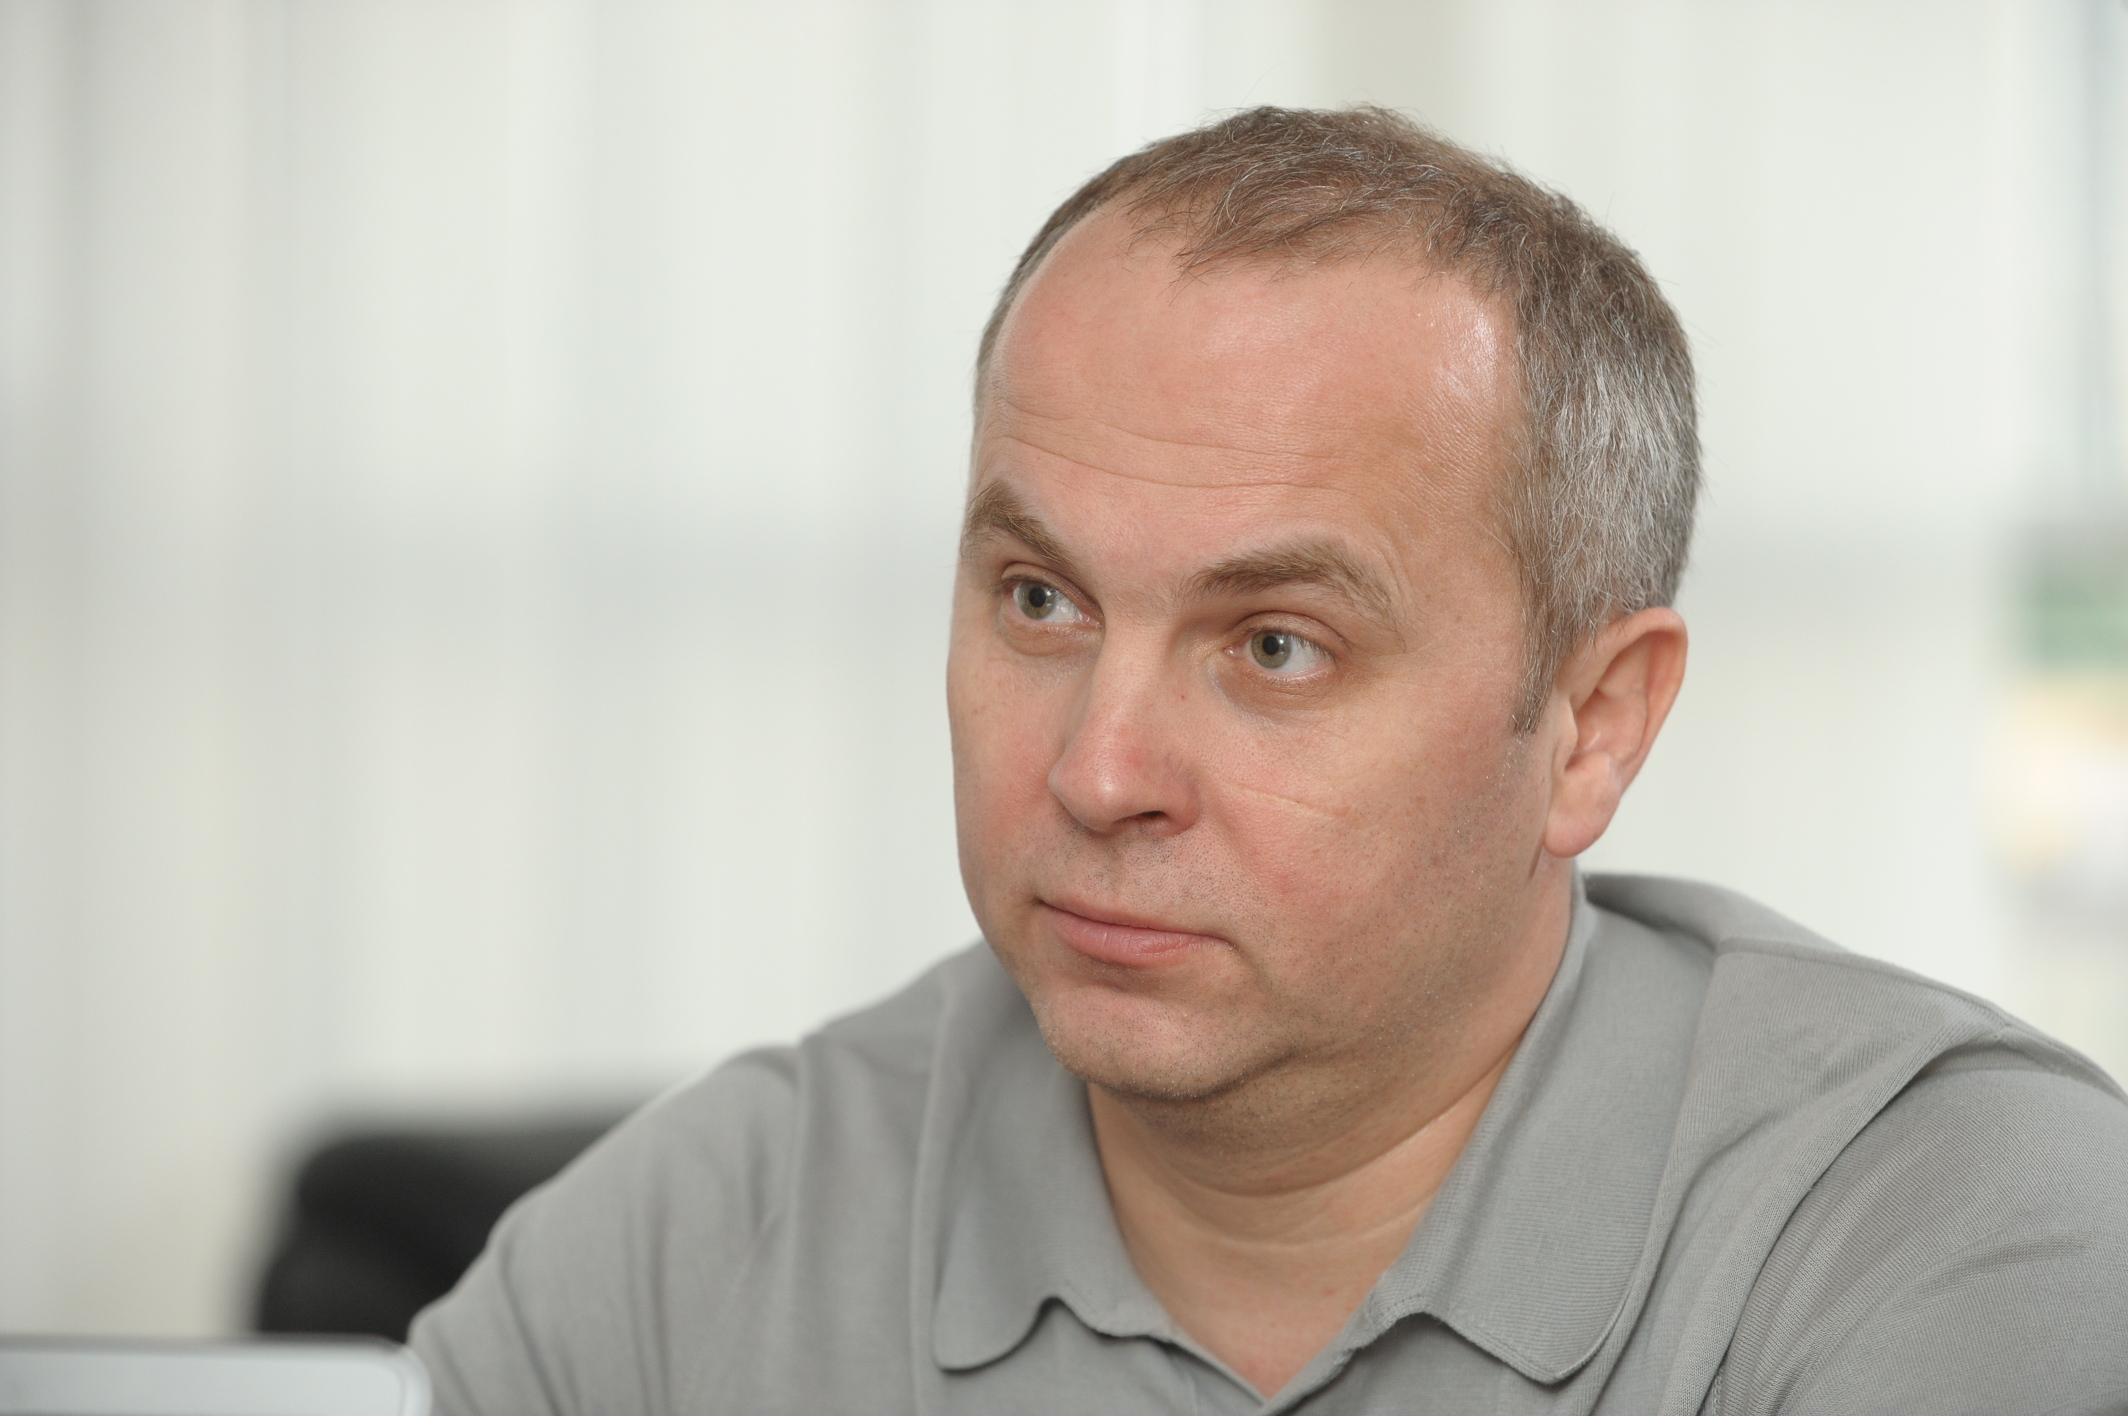 Шуфрич – єдиний закарпатець, який увійшов до рейтингу найбагатших Українців 2016 року